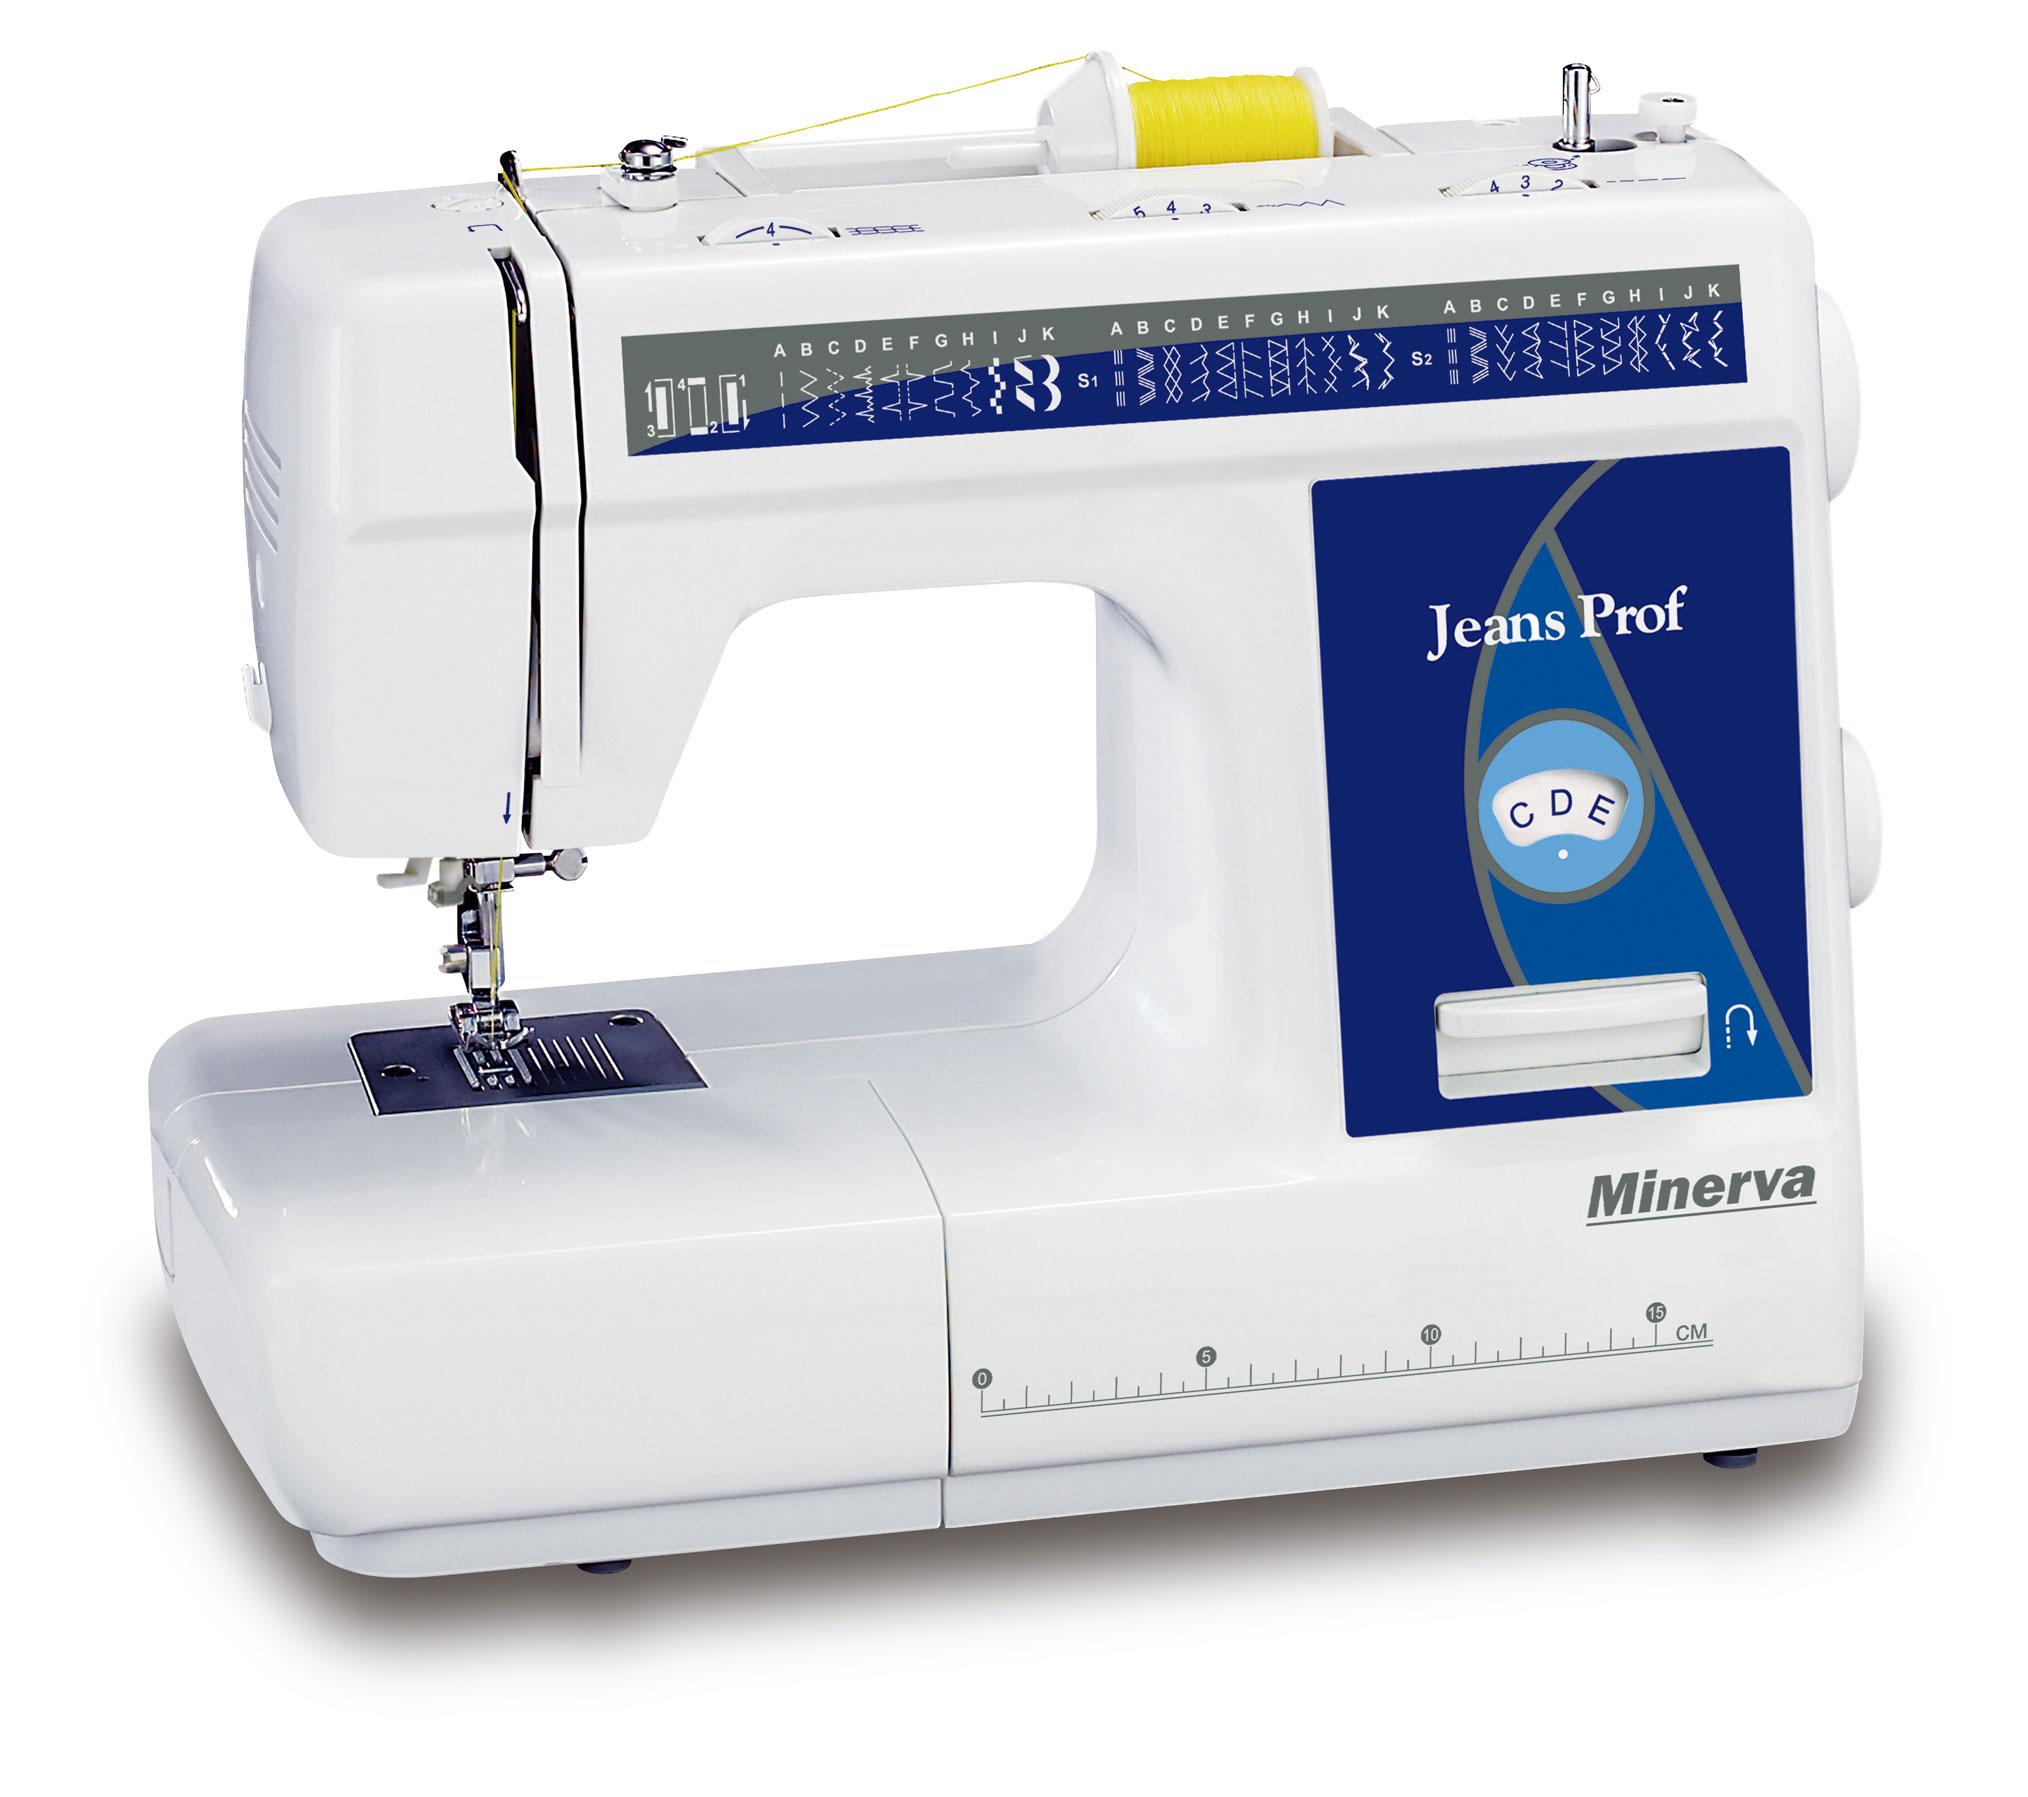 Новые модели швейных машин Minerva уже в продаже! - фото 3 - новость в интернет-магазине Sewgroup